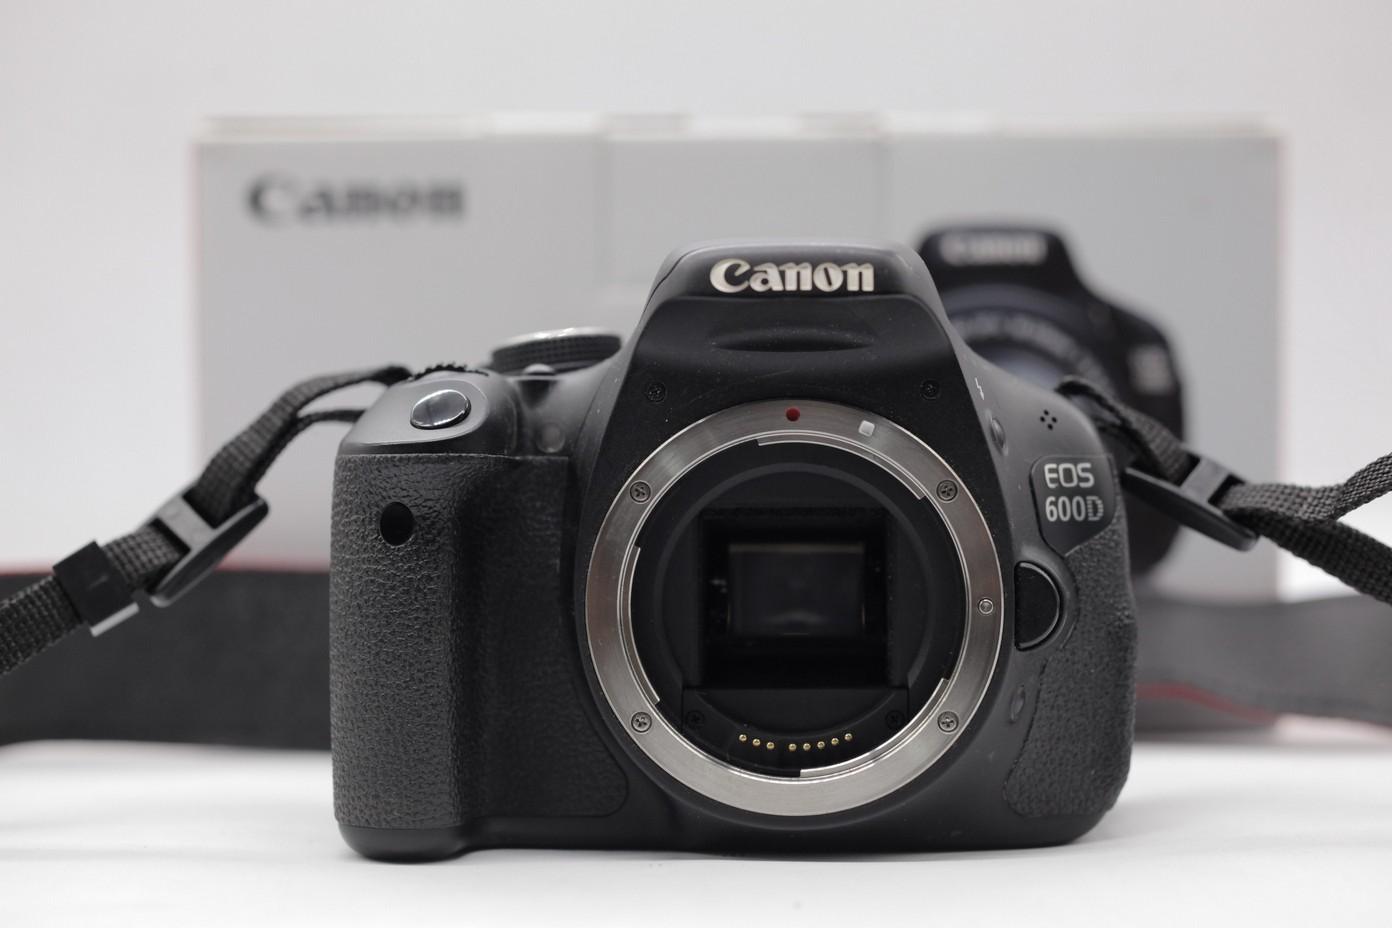 Used - Canon 600D DSLR Camera SC 31k (Body)